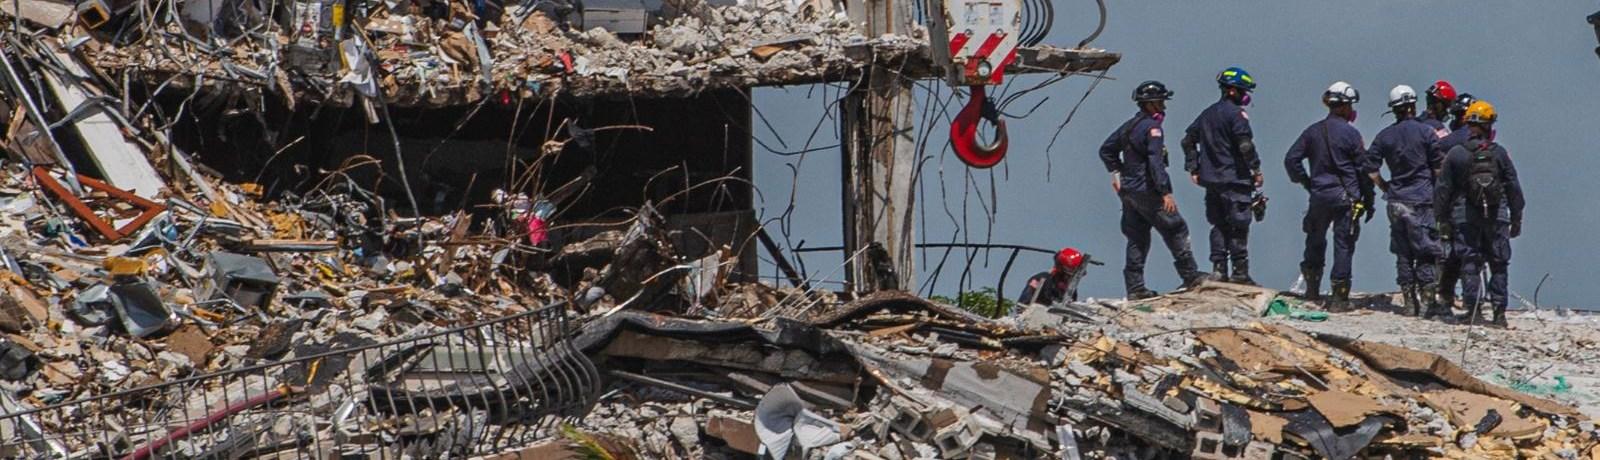 Escaparon derrumbe del edificio